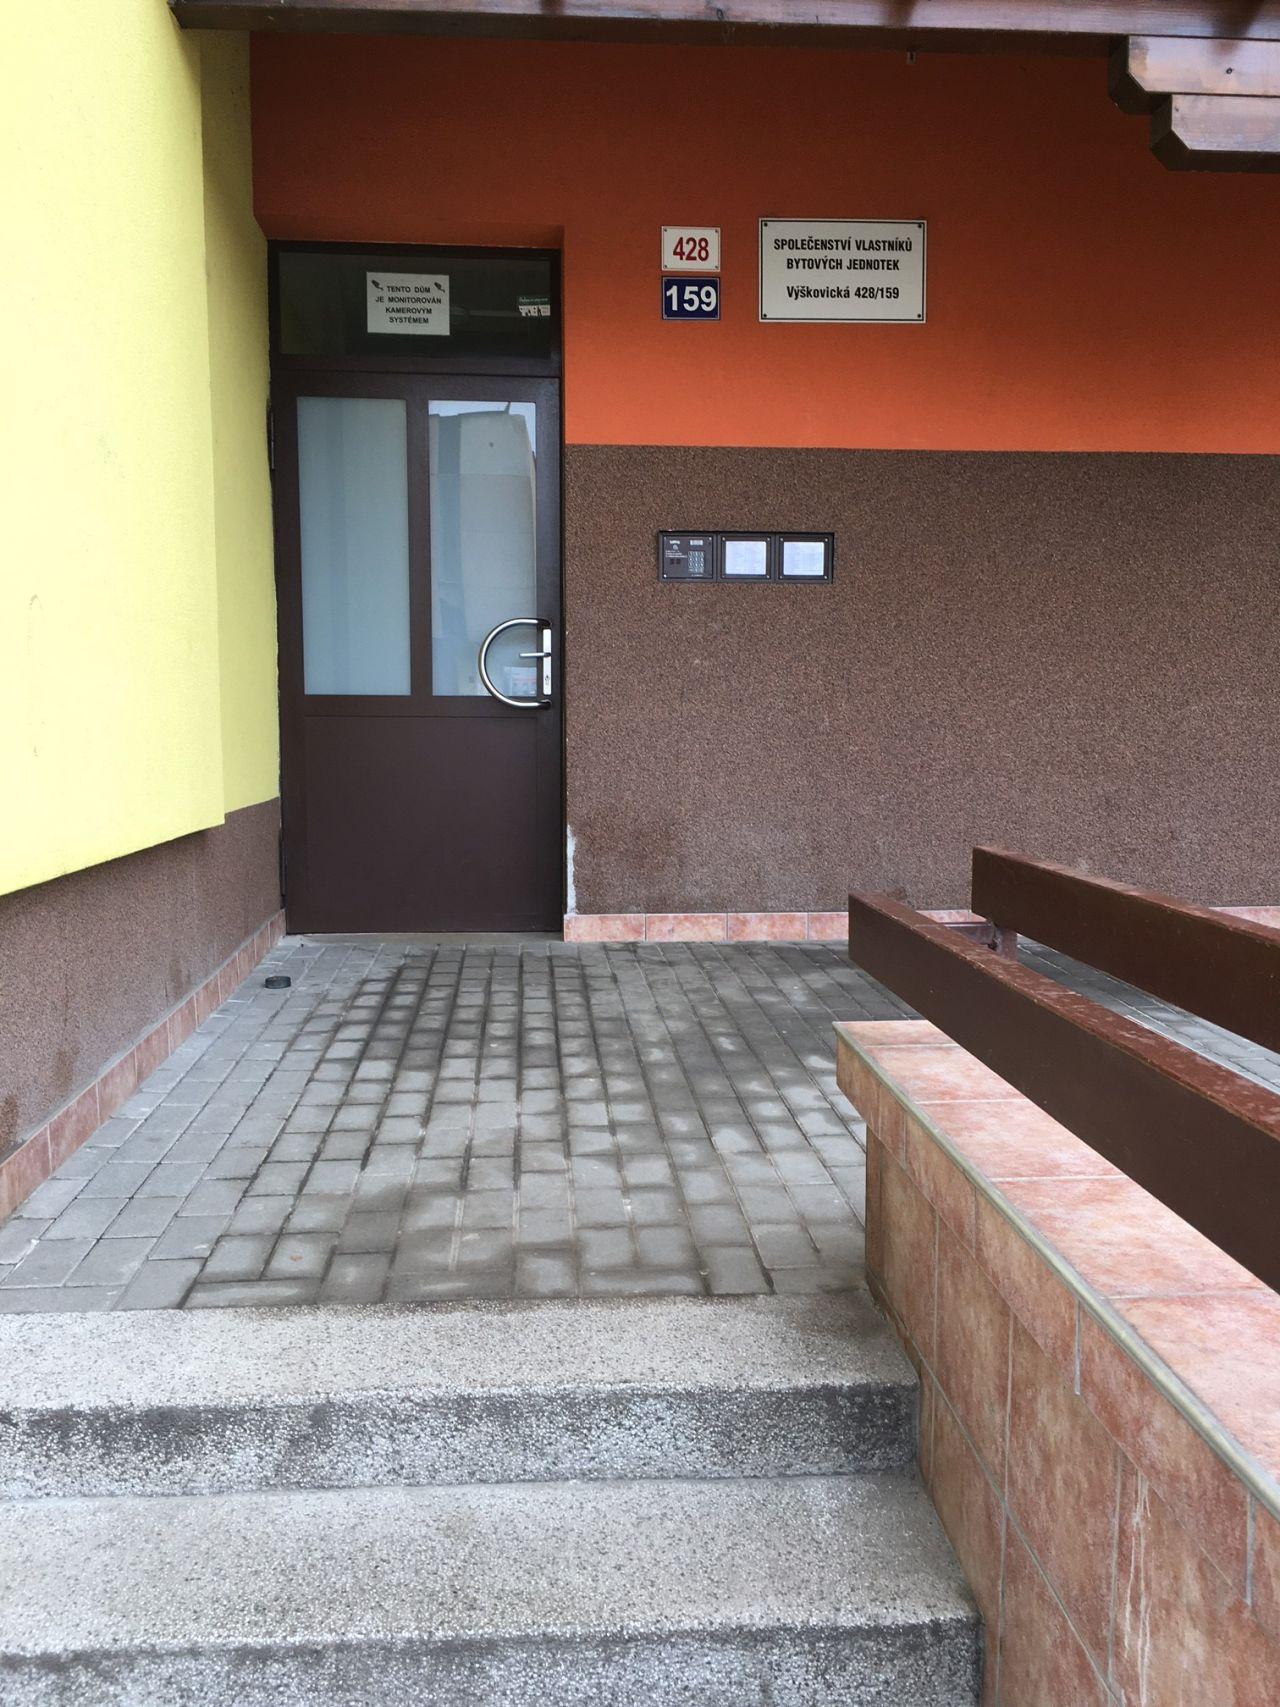 Pronájem bytu 1+kk 28 m2, ul. Výškovická 428/159, Ostrava - Výškovice